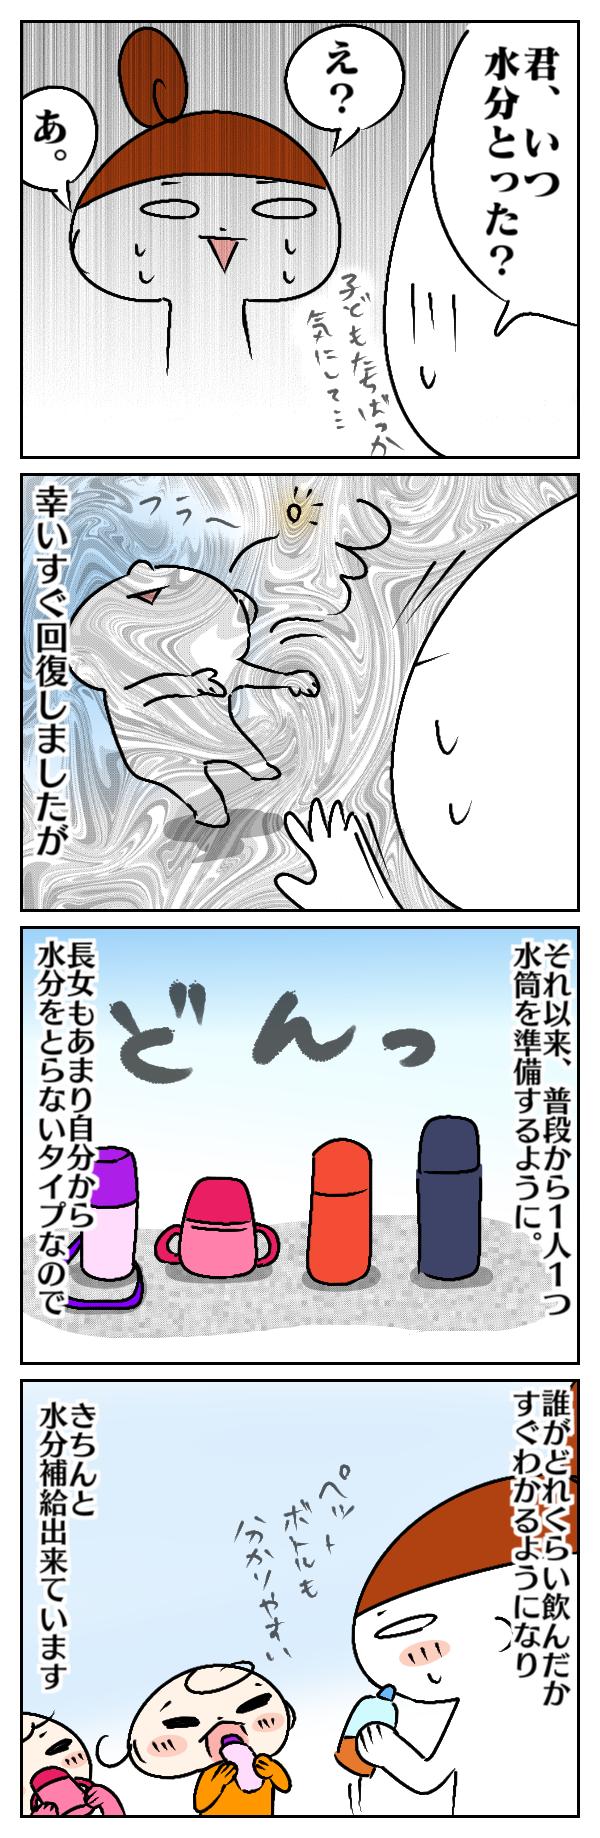 大量の汗とめまいでクラッ…。熱中症になって考えた「水分補給を忘れない方法」の画像2